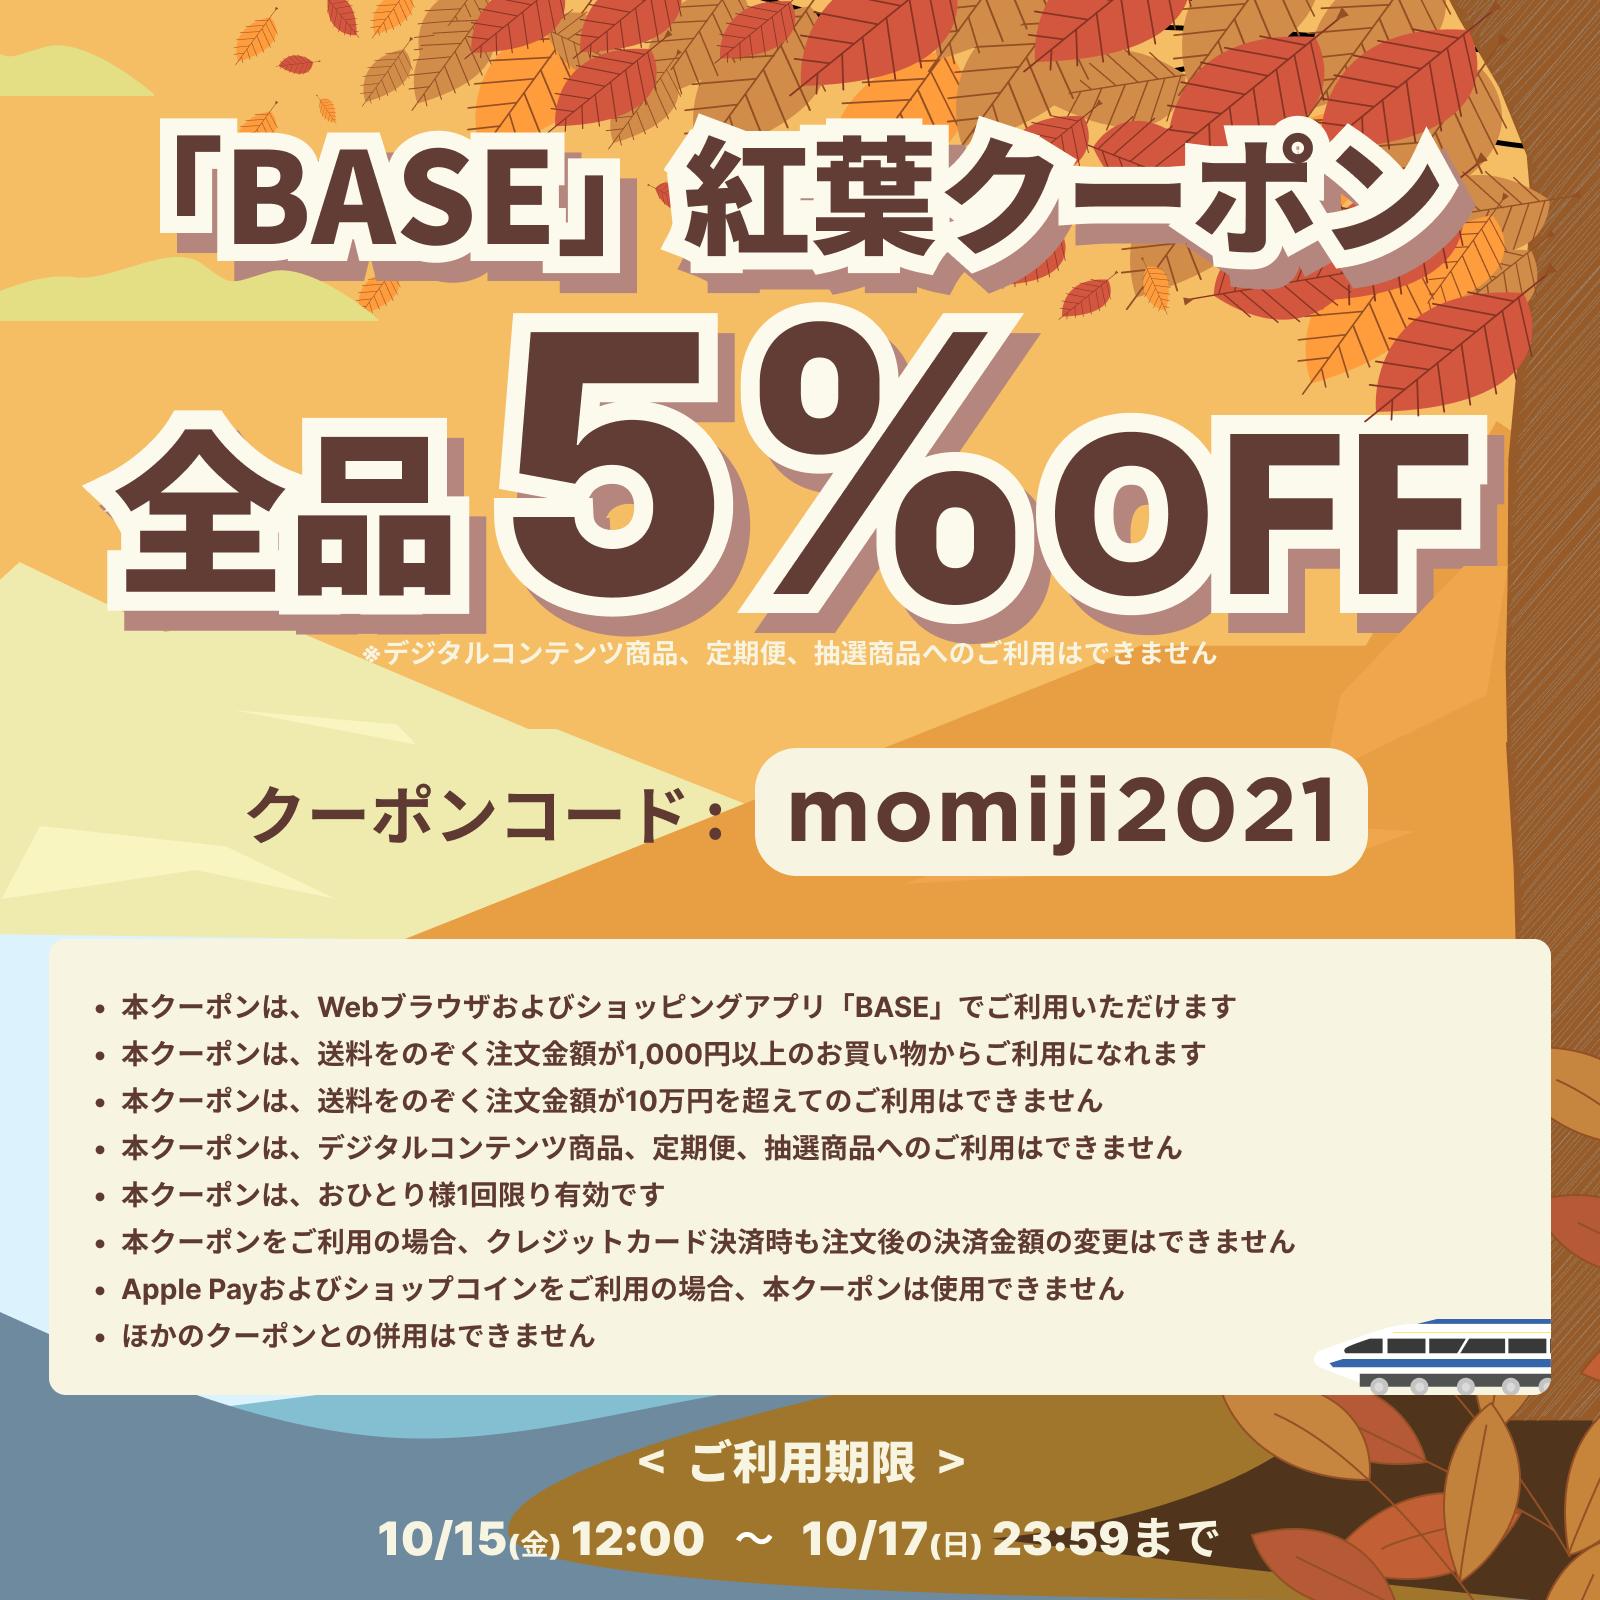 【10/15~10/17】5%OFFクーポンキャンペーン